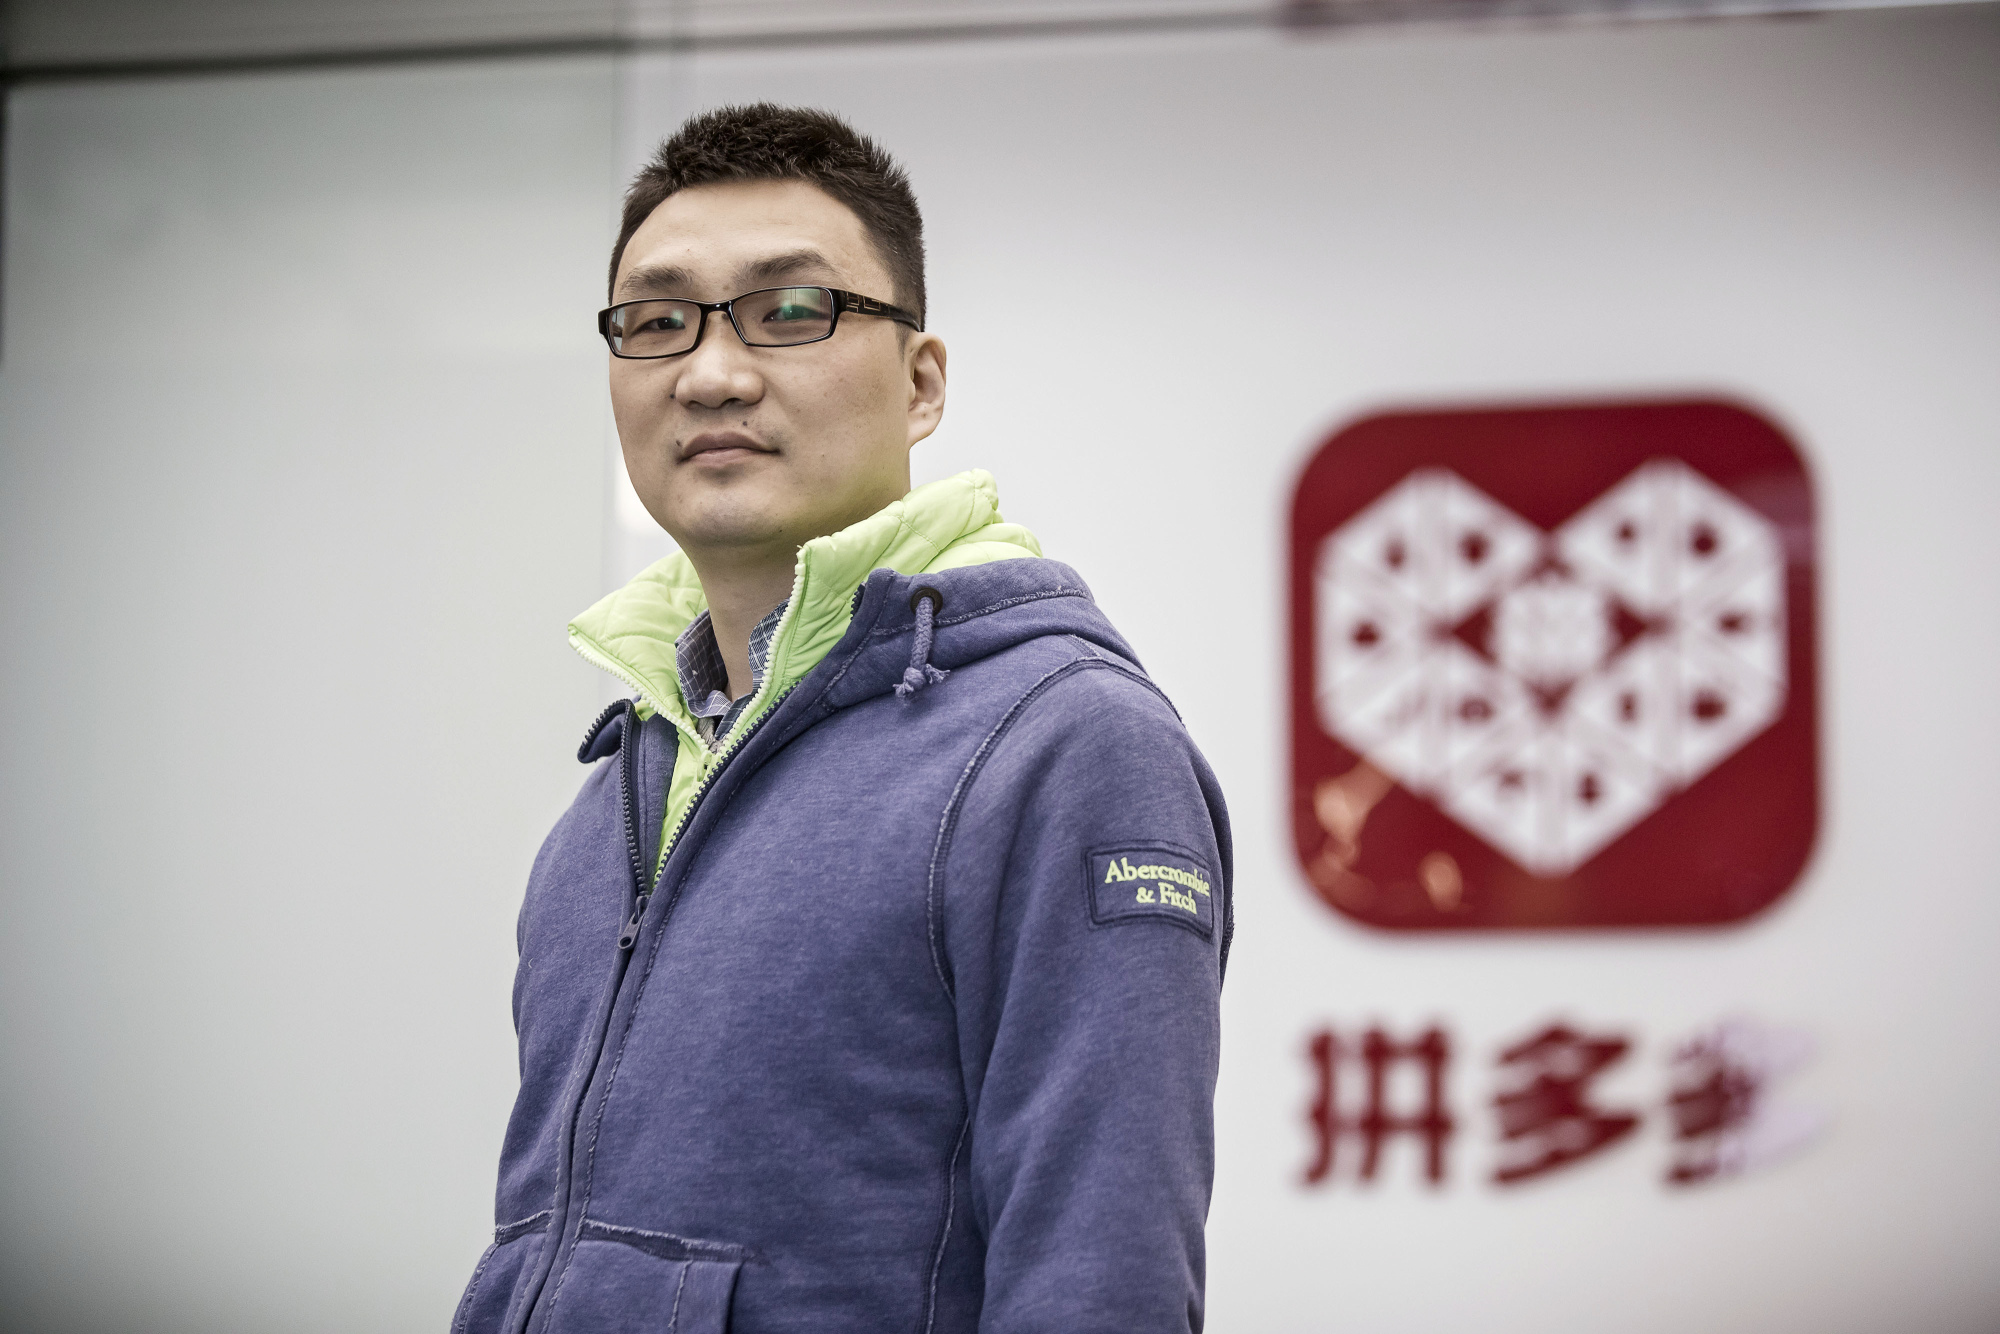 10 người giàu nhất trung quốc 2019 - 7 1573113769 - 10 người giàu nhất Trung Quốc 2019: Jack Ma dẫn đầu, 'tỷ phú thịt lợn' xếp thứ 9